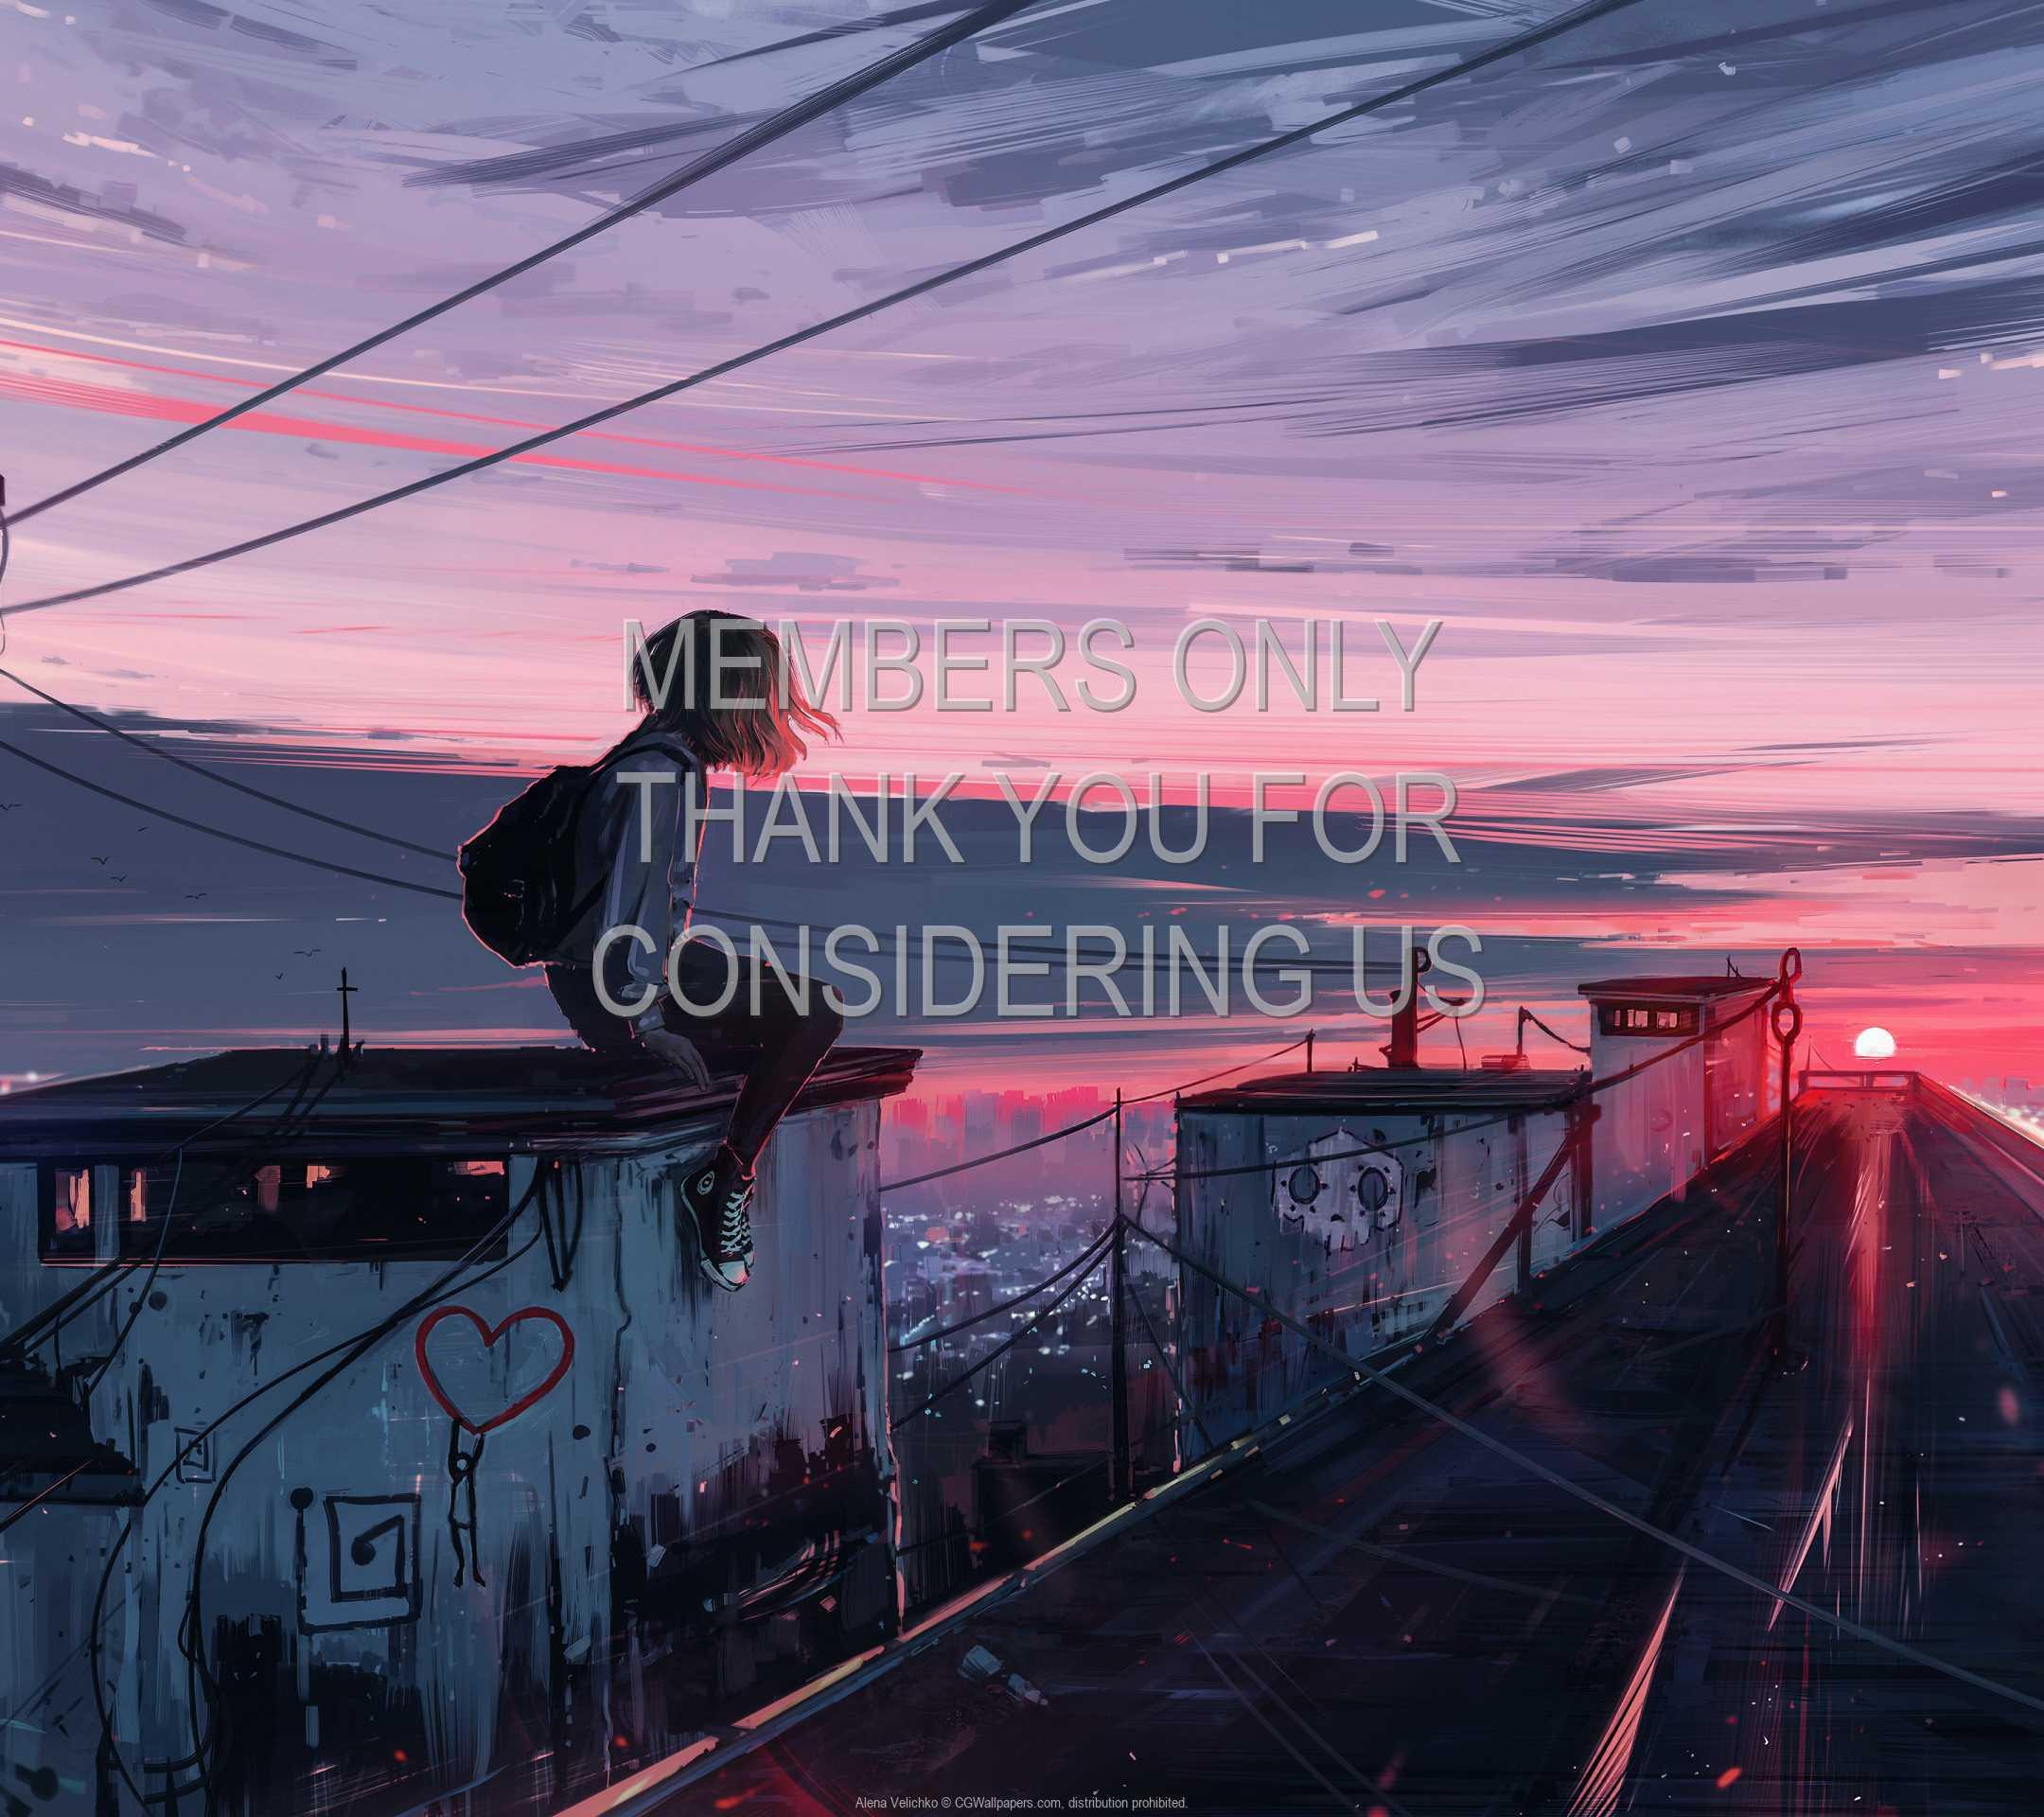 Alena Velichko 1080p Horizontal Mobiele achtergrond 12